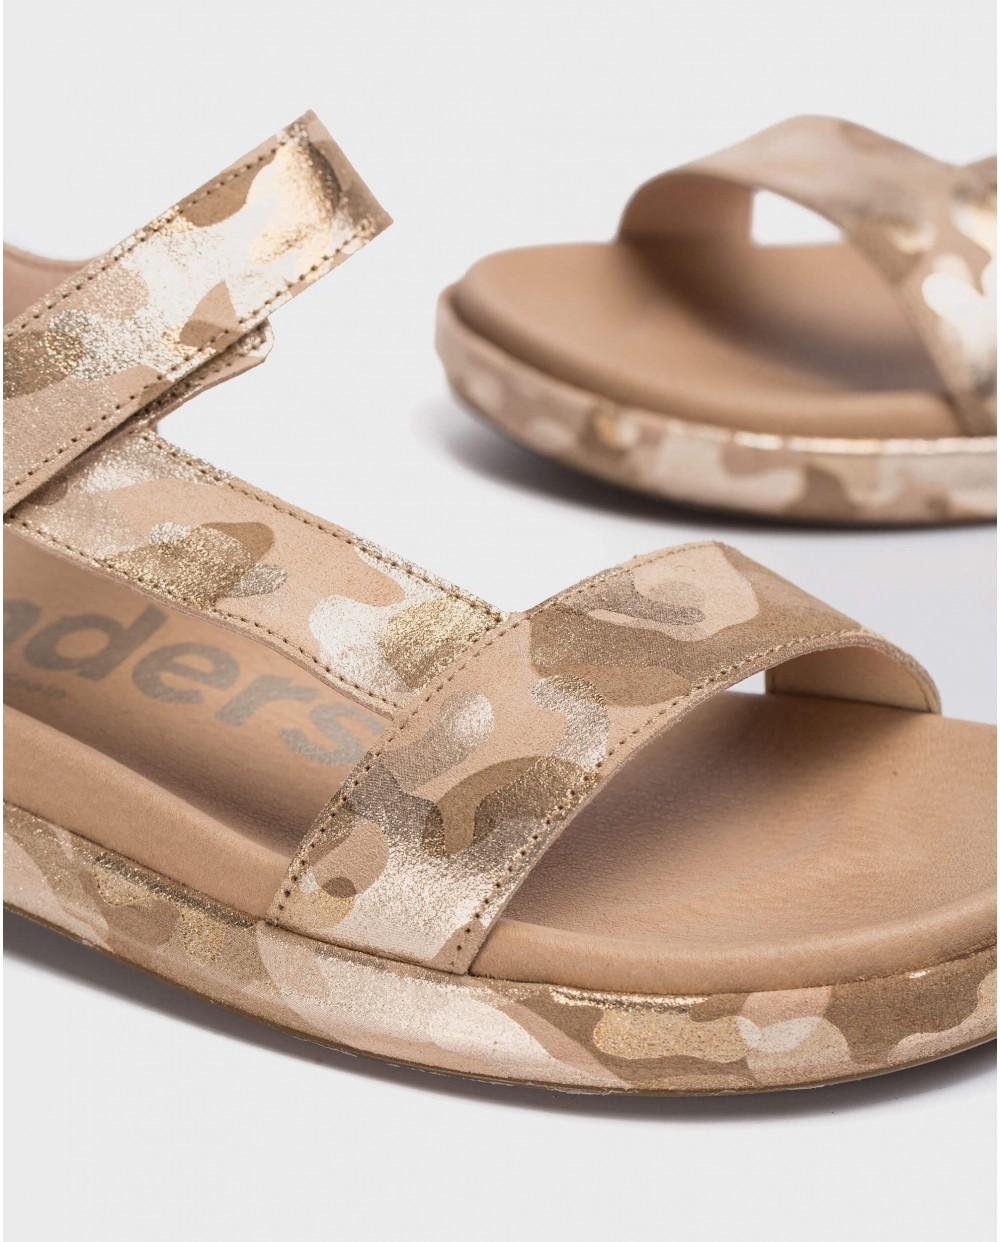 Wonders-Flat Shoes-Embossed BIO sandal